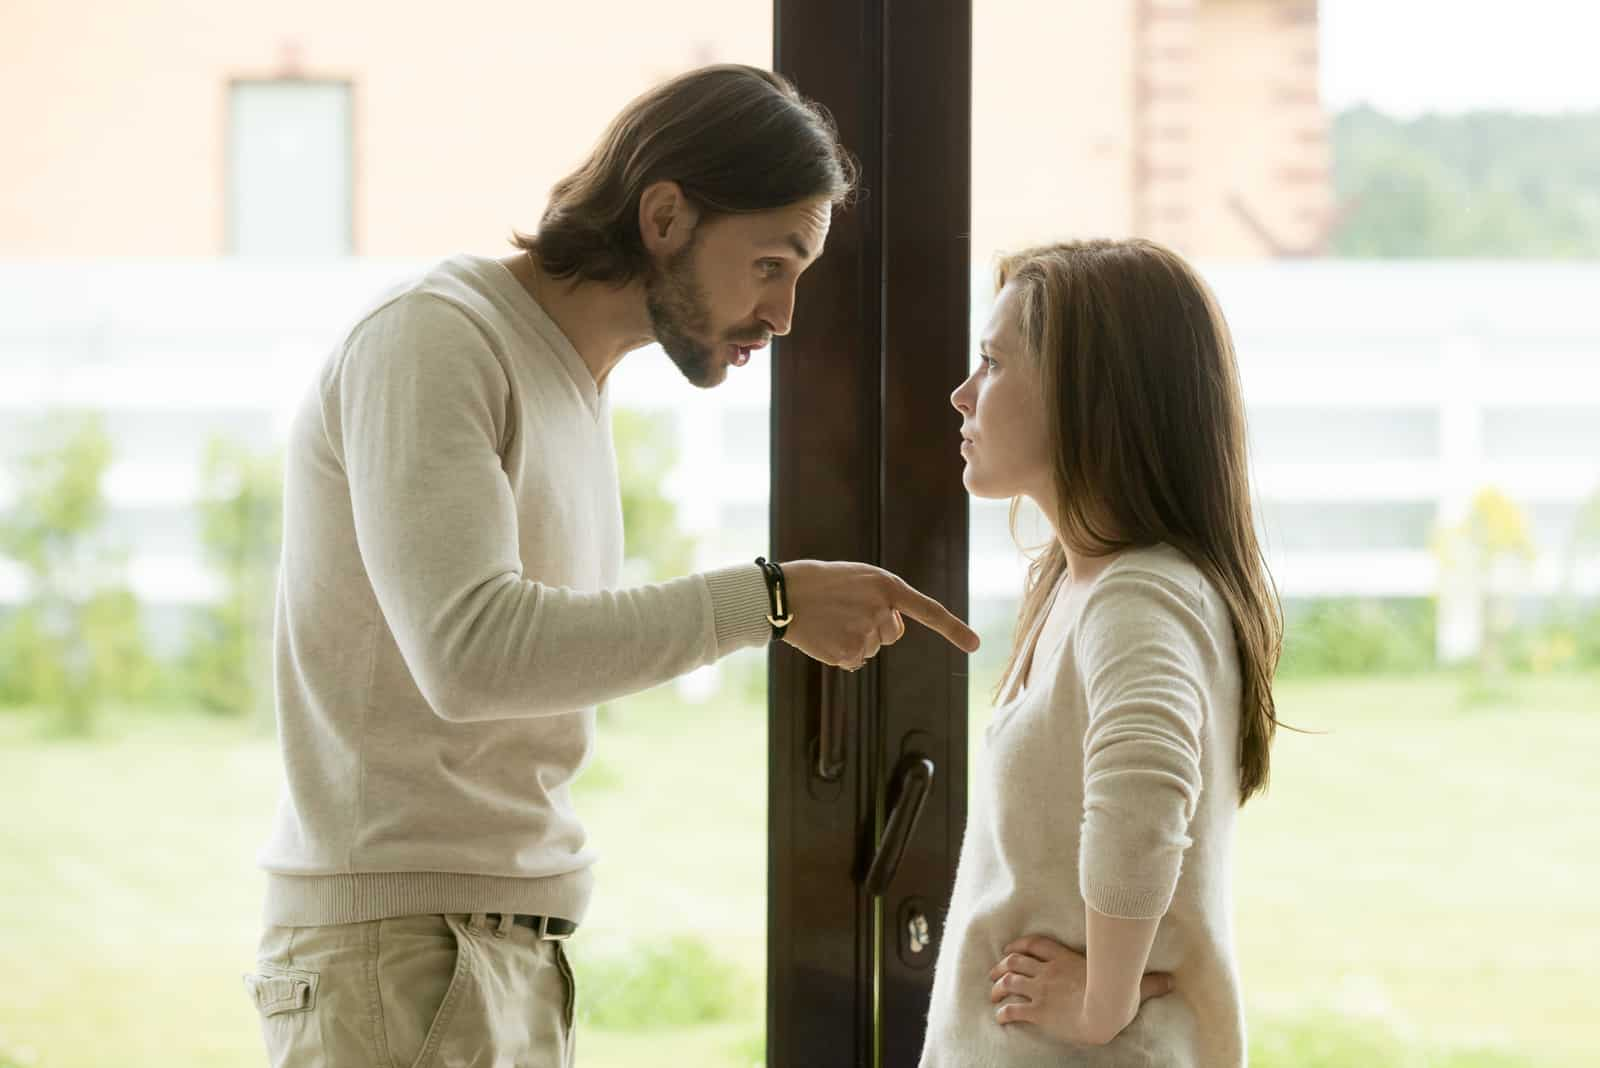 Unhappy young couple arguing